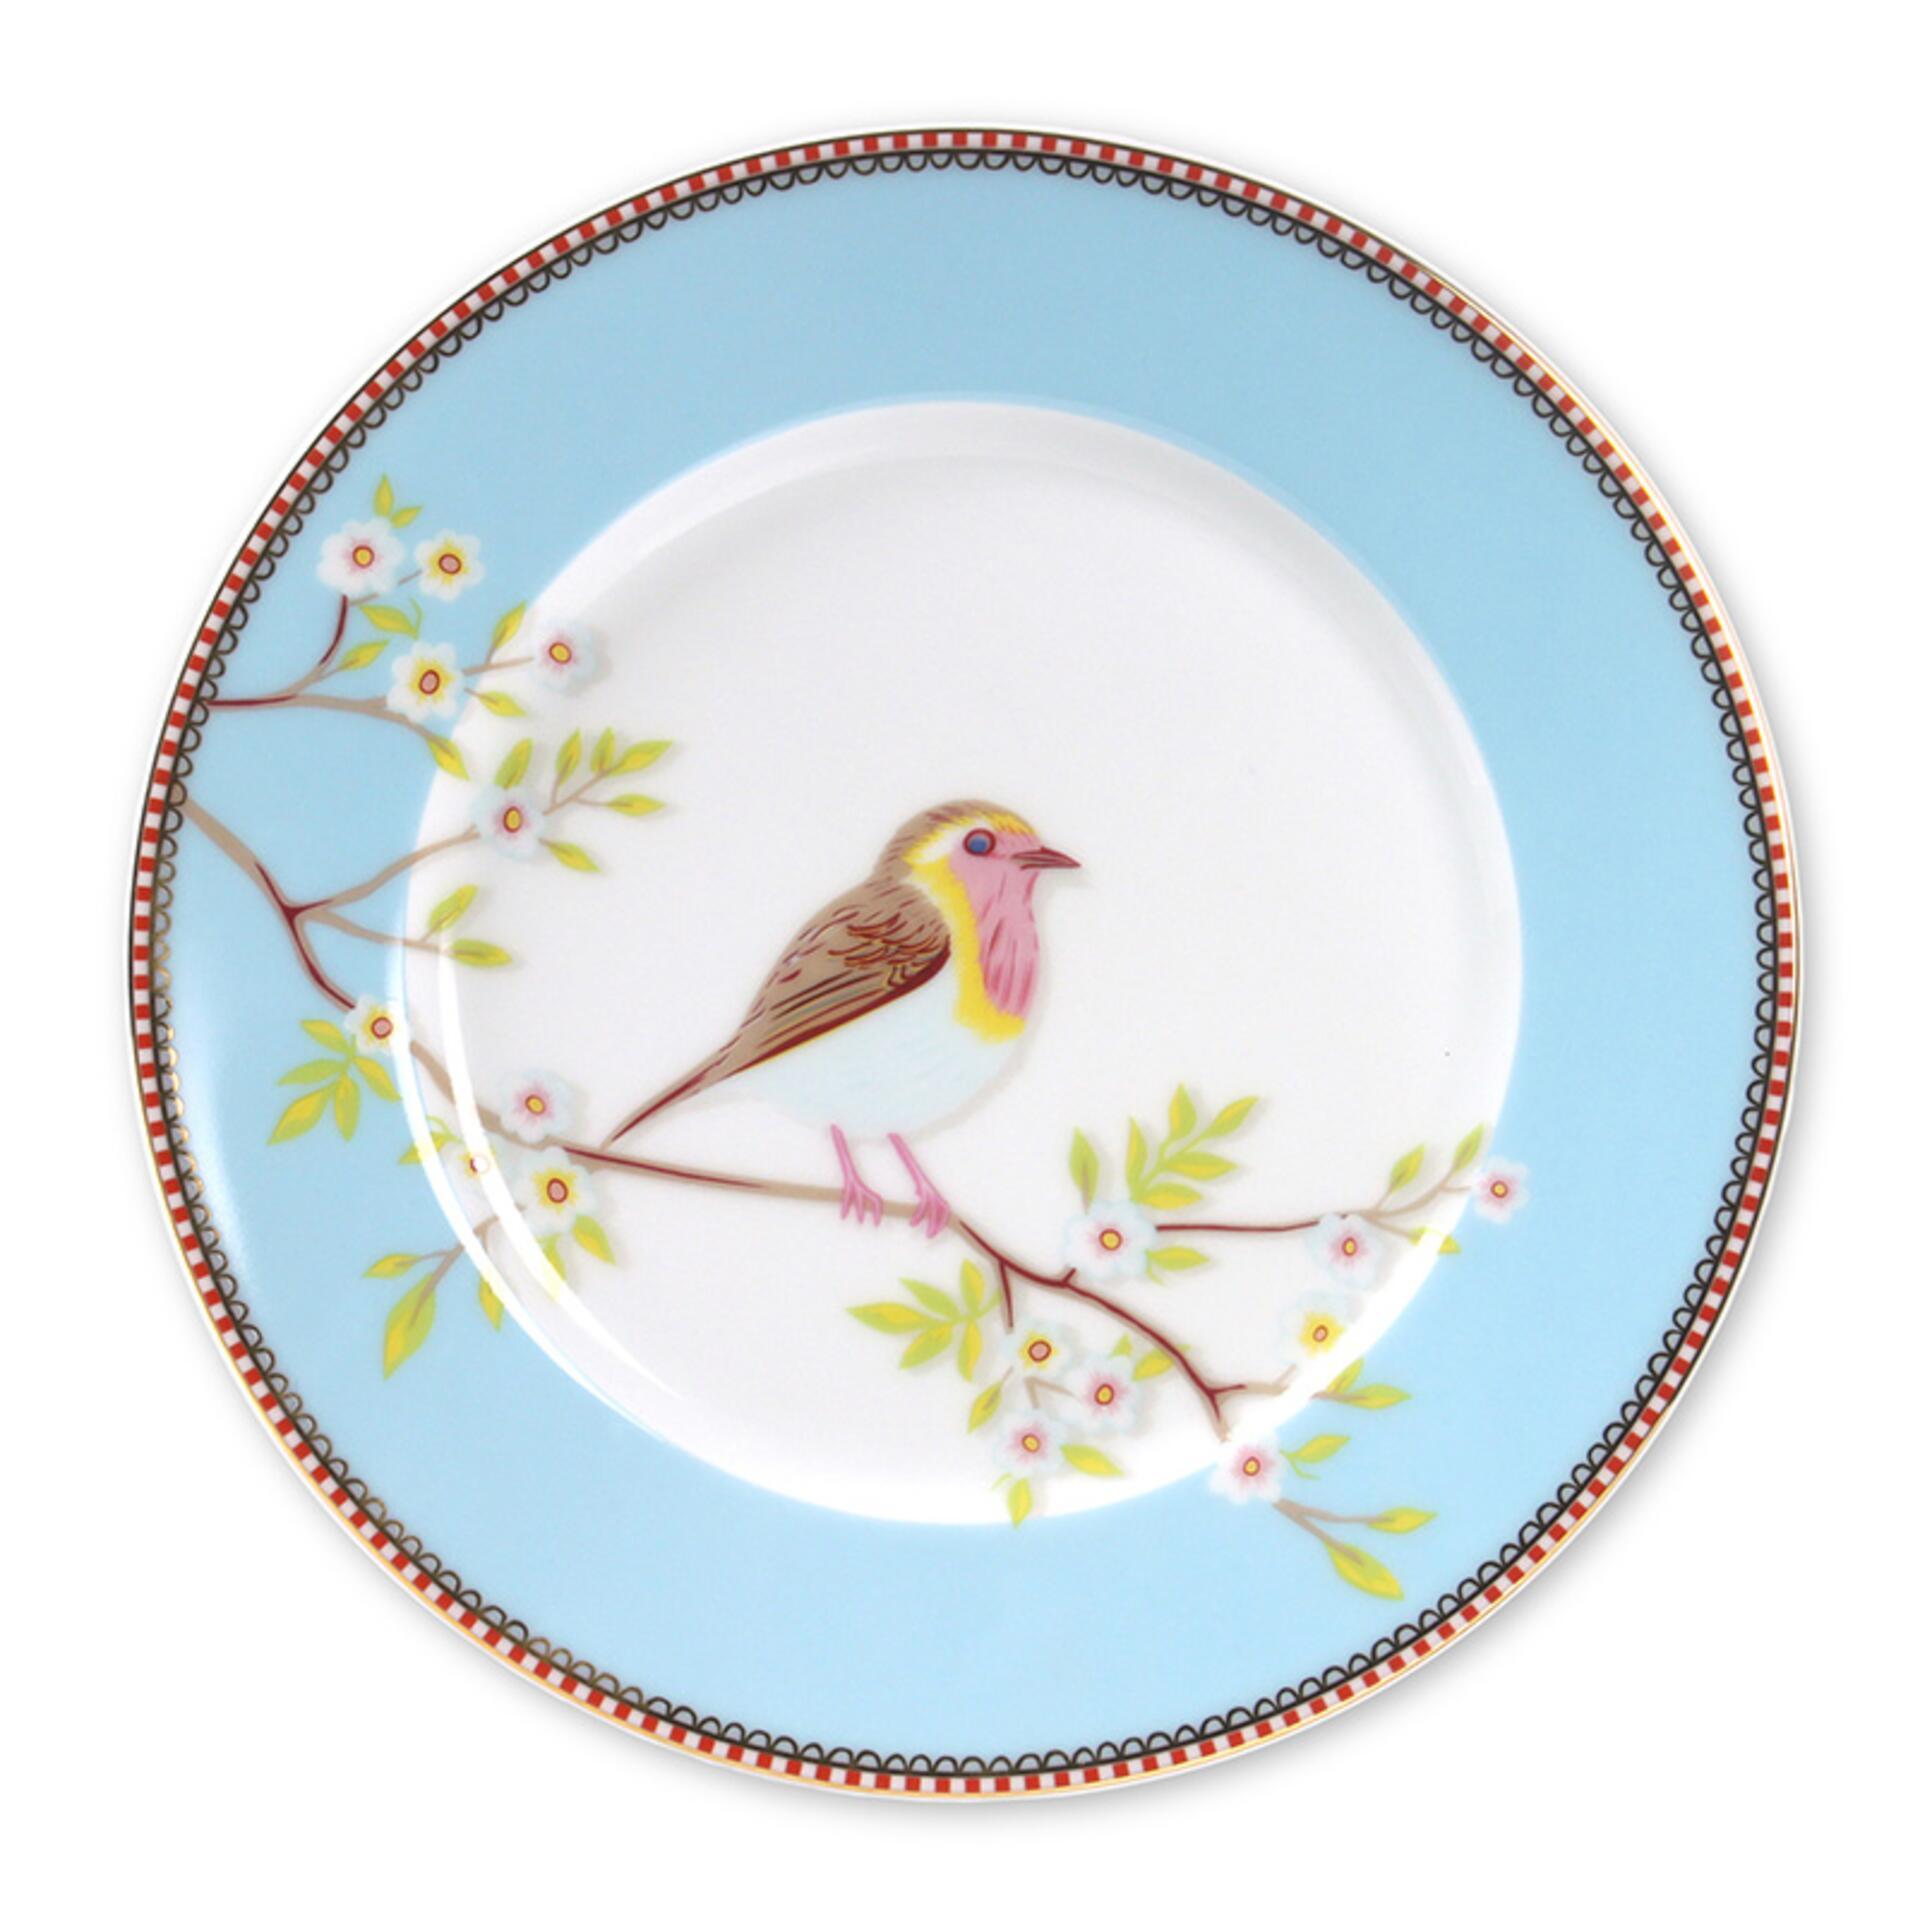 PiP Porzellan Frühstücksteller Early Bird Blau